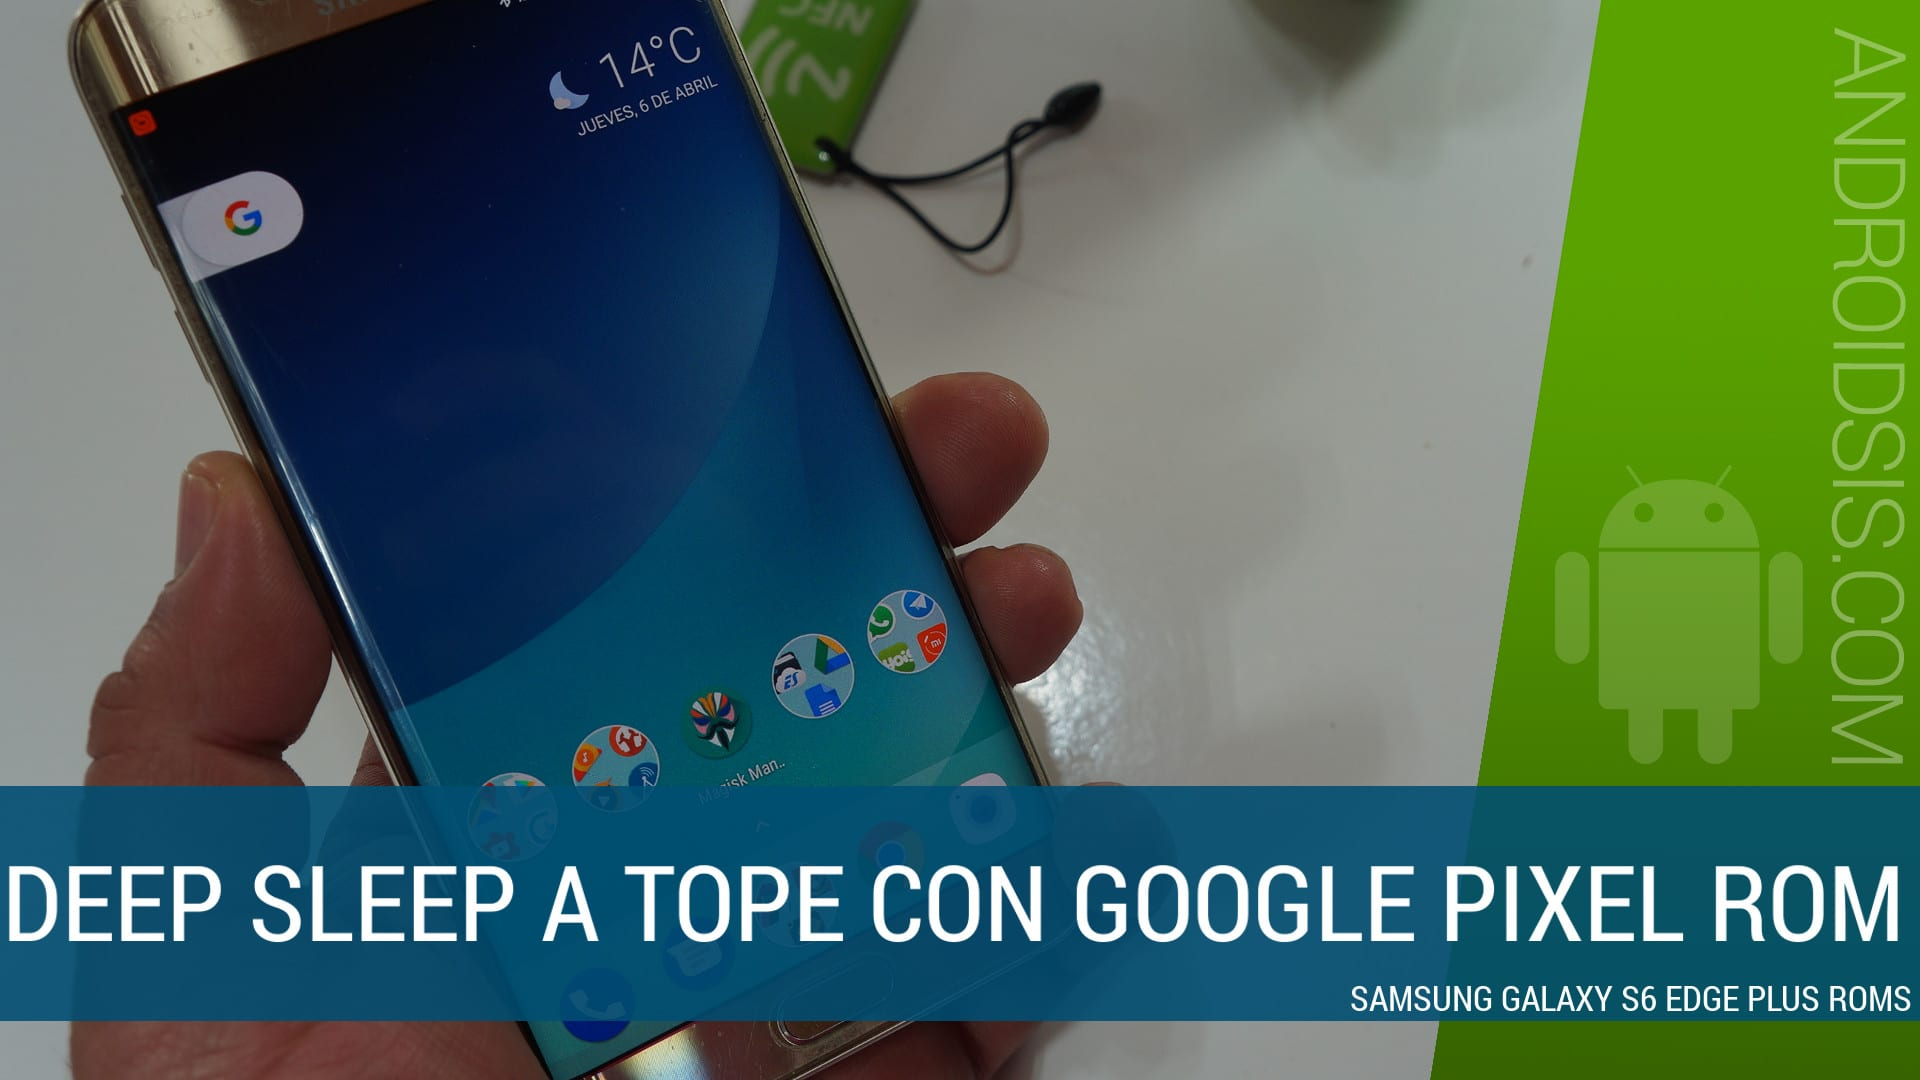 Pixel Rom para el Samsung Galaxy S6 Edge Plus, la Rom que mejor